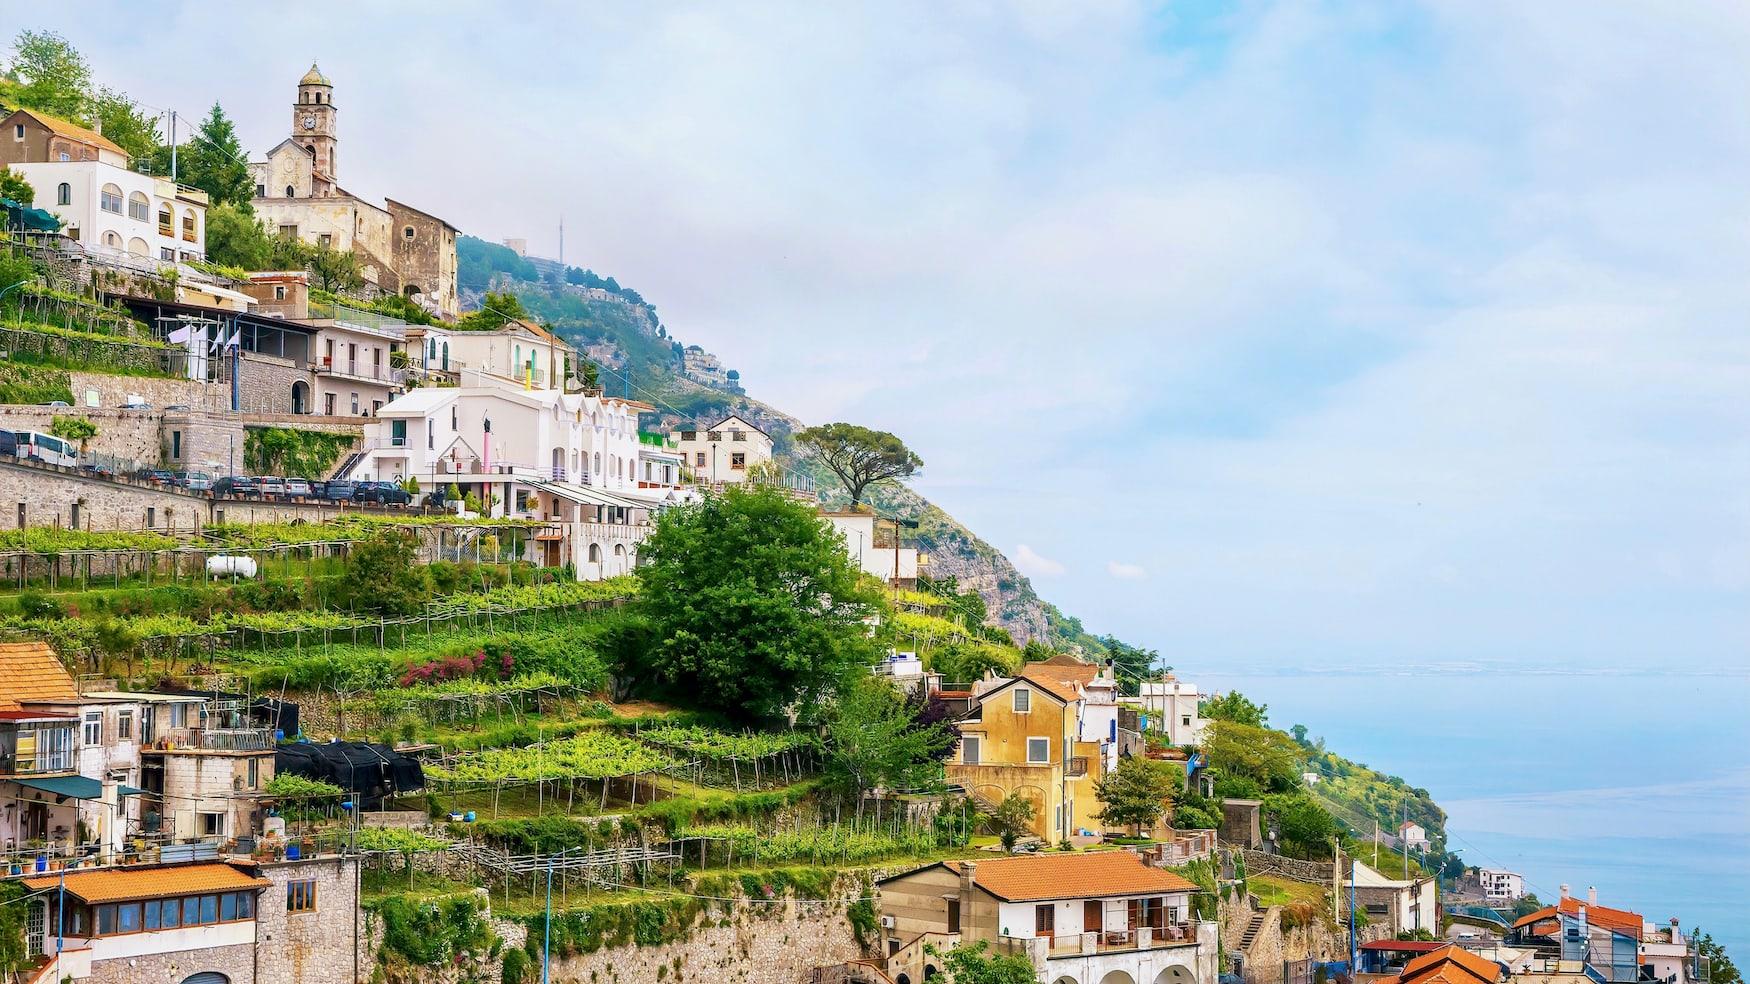 Das kleine, malerische italienische Dorf Furore, mit malerischen kleinen Weinbergen und Gärten, das an einem steilen, terrassenförmigen Hang mit Blick auf das Mittelmeer an der Amalfiküste erbaut wurde.